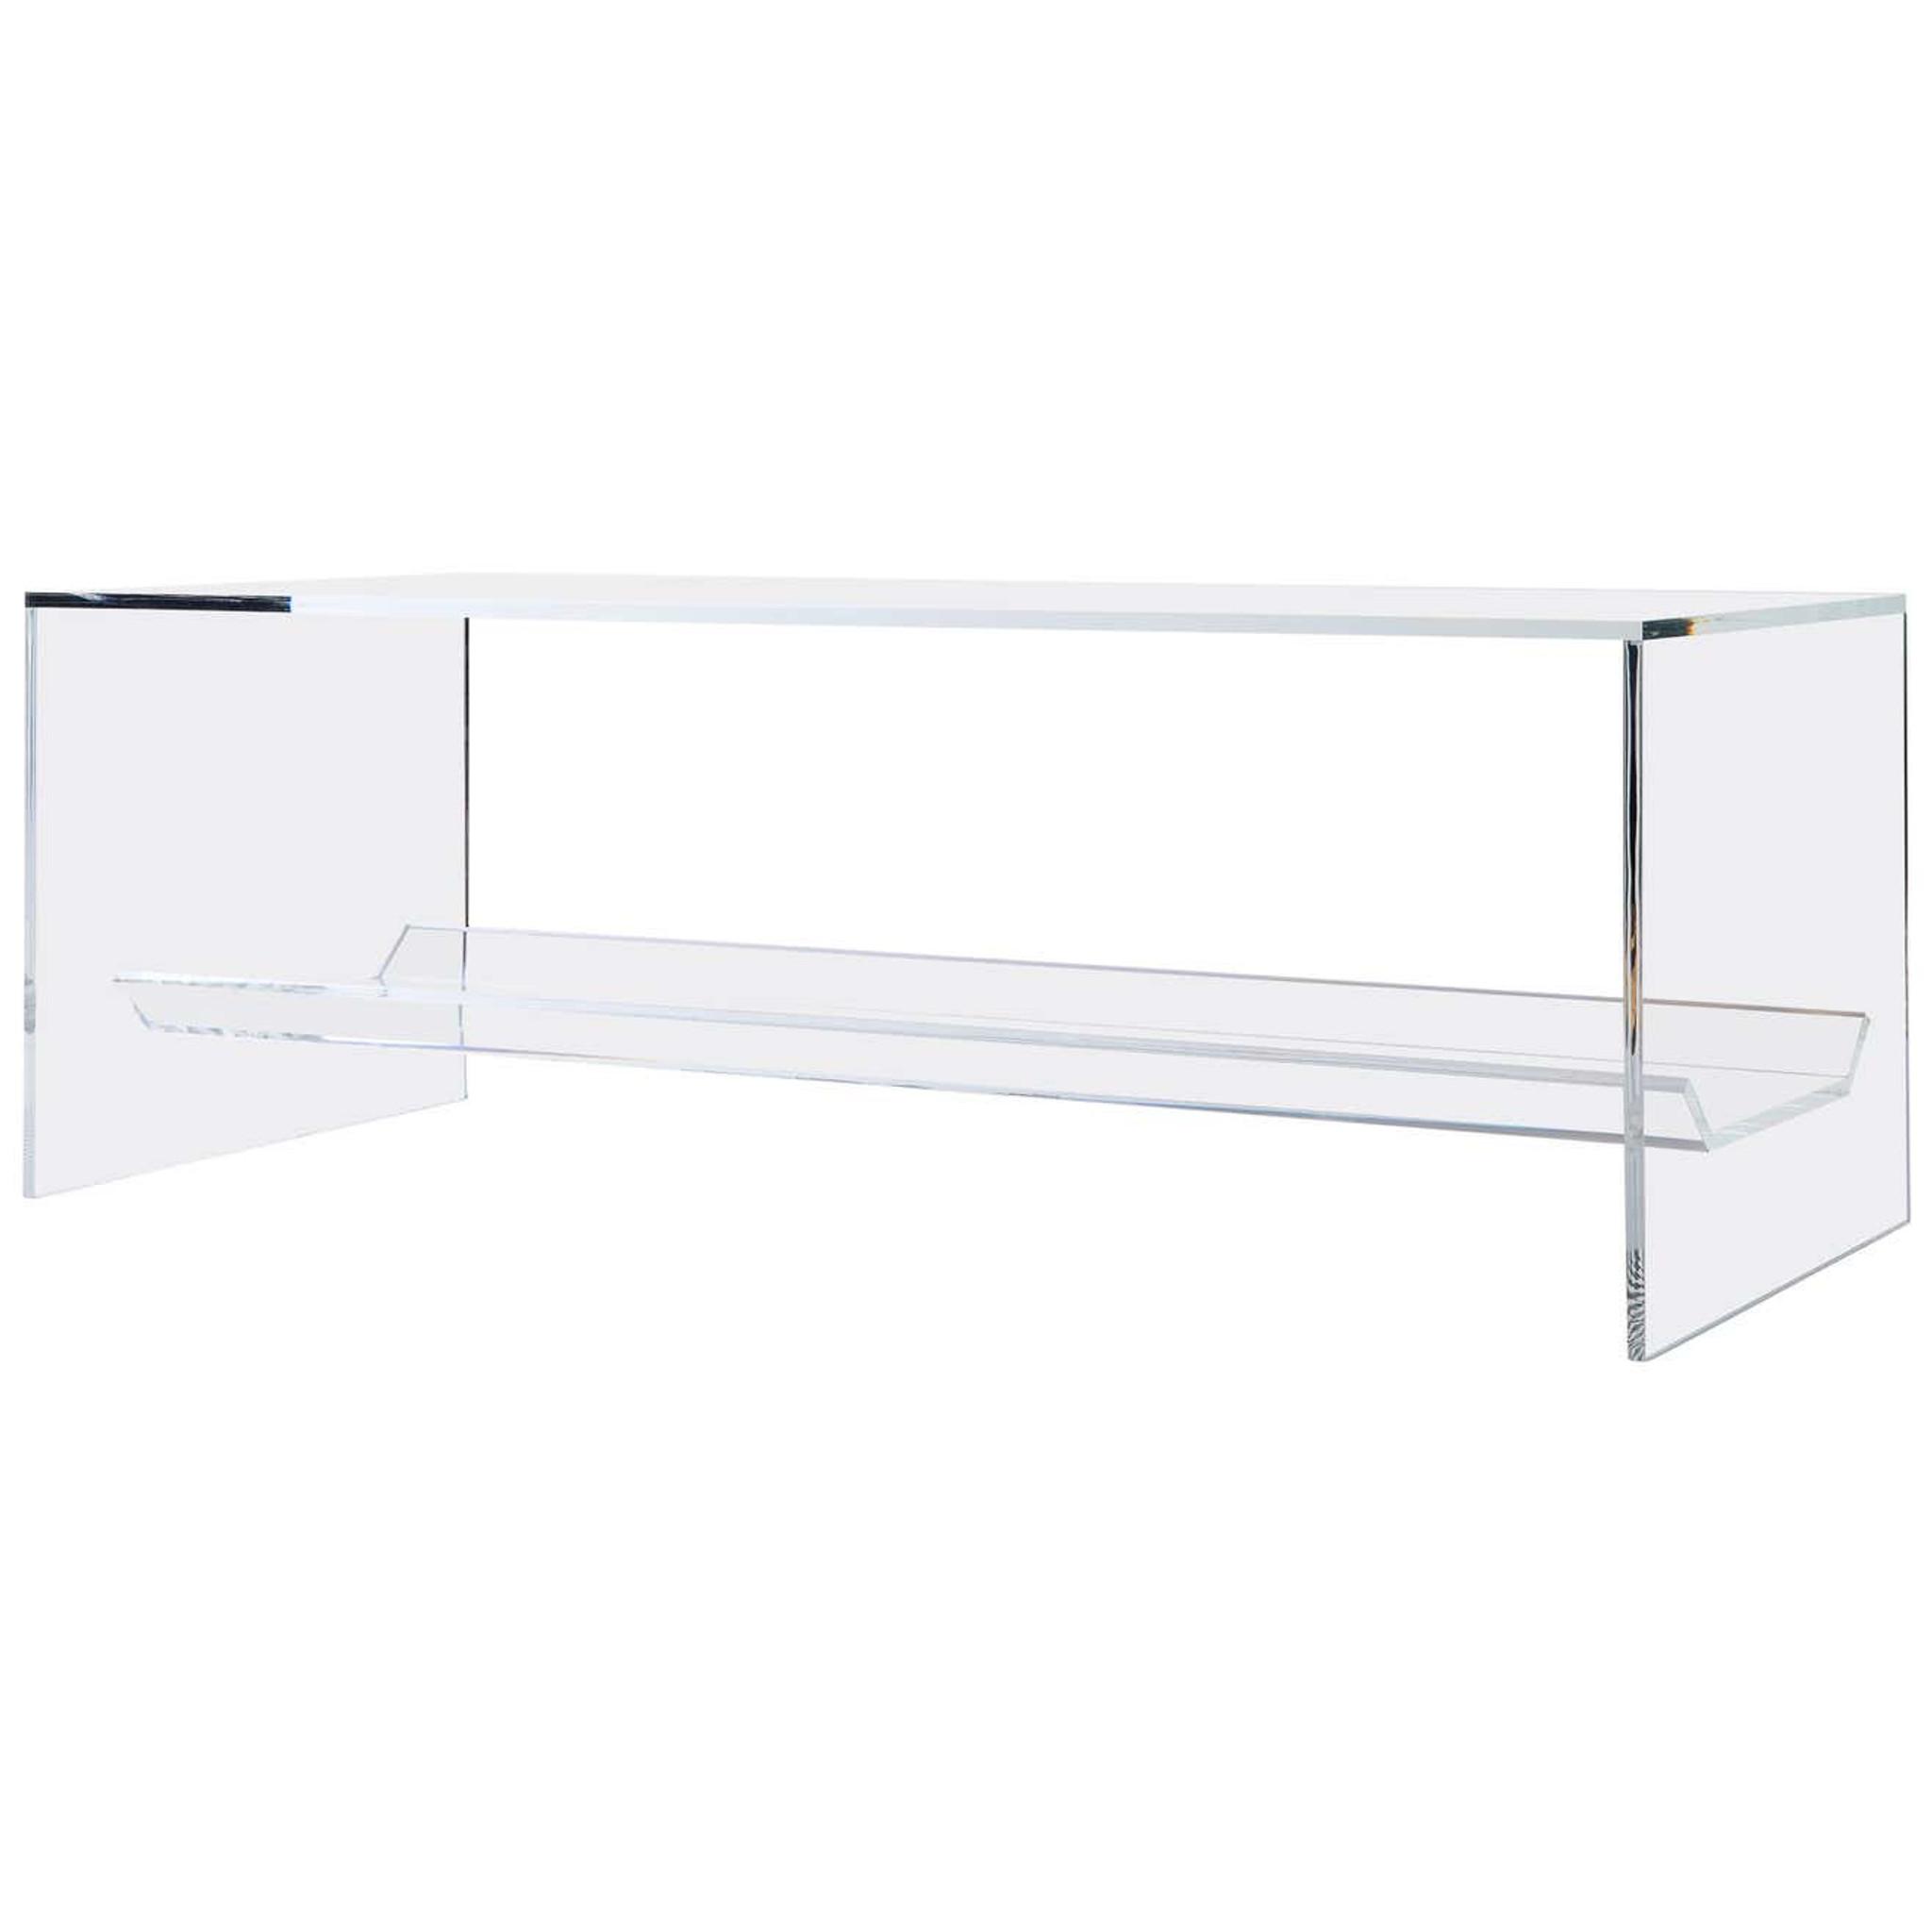 Clear Acrylic Bench with Storage Shelf